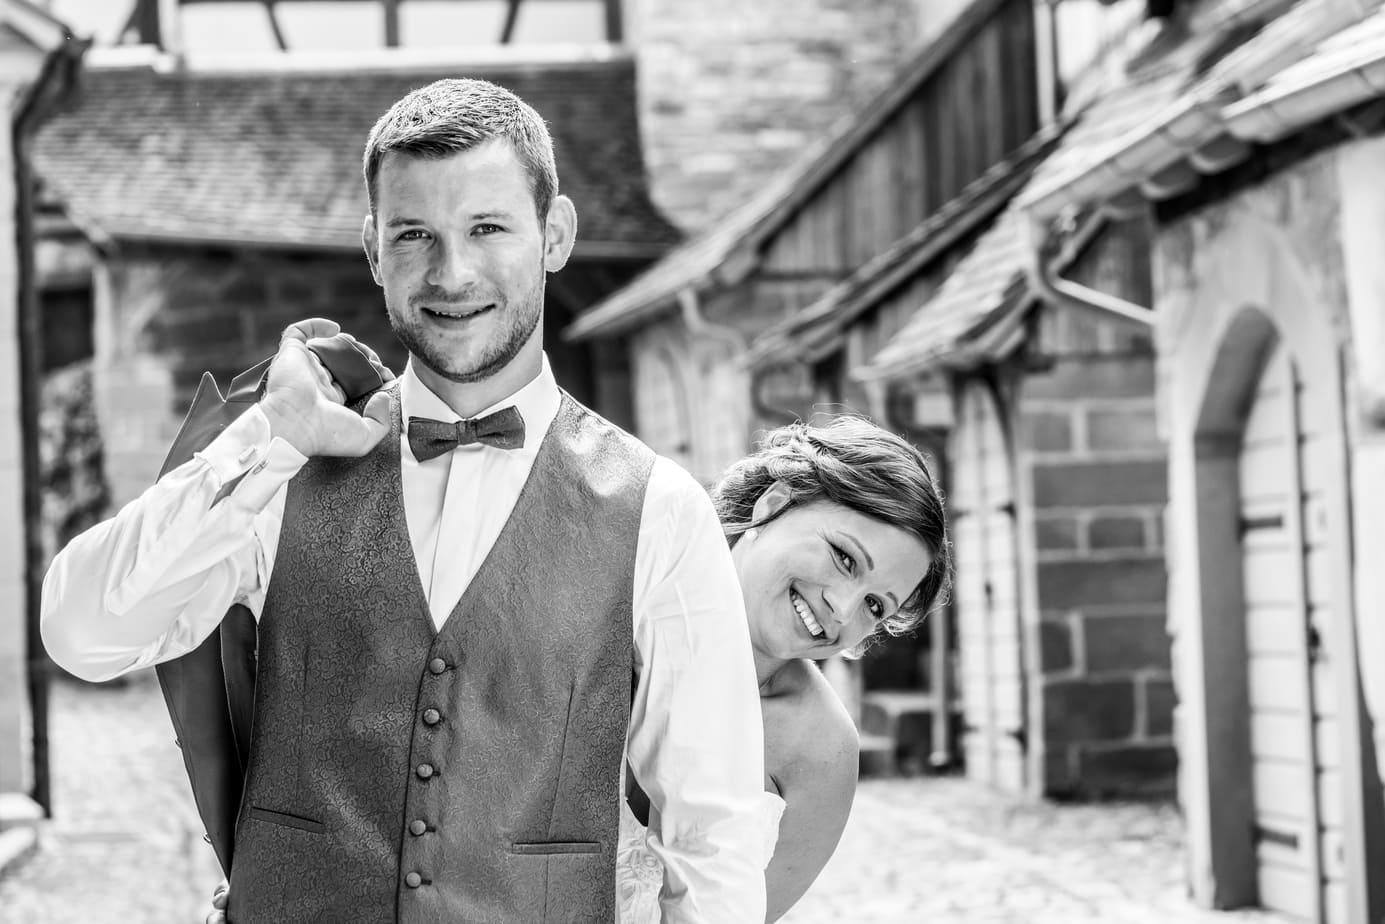 Hochzeitsfotos in Schwarz-Weiß